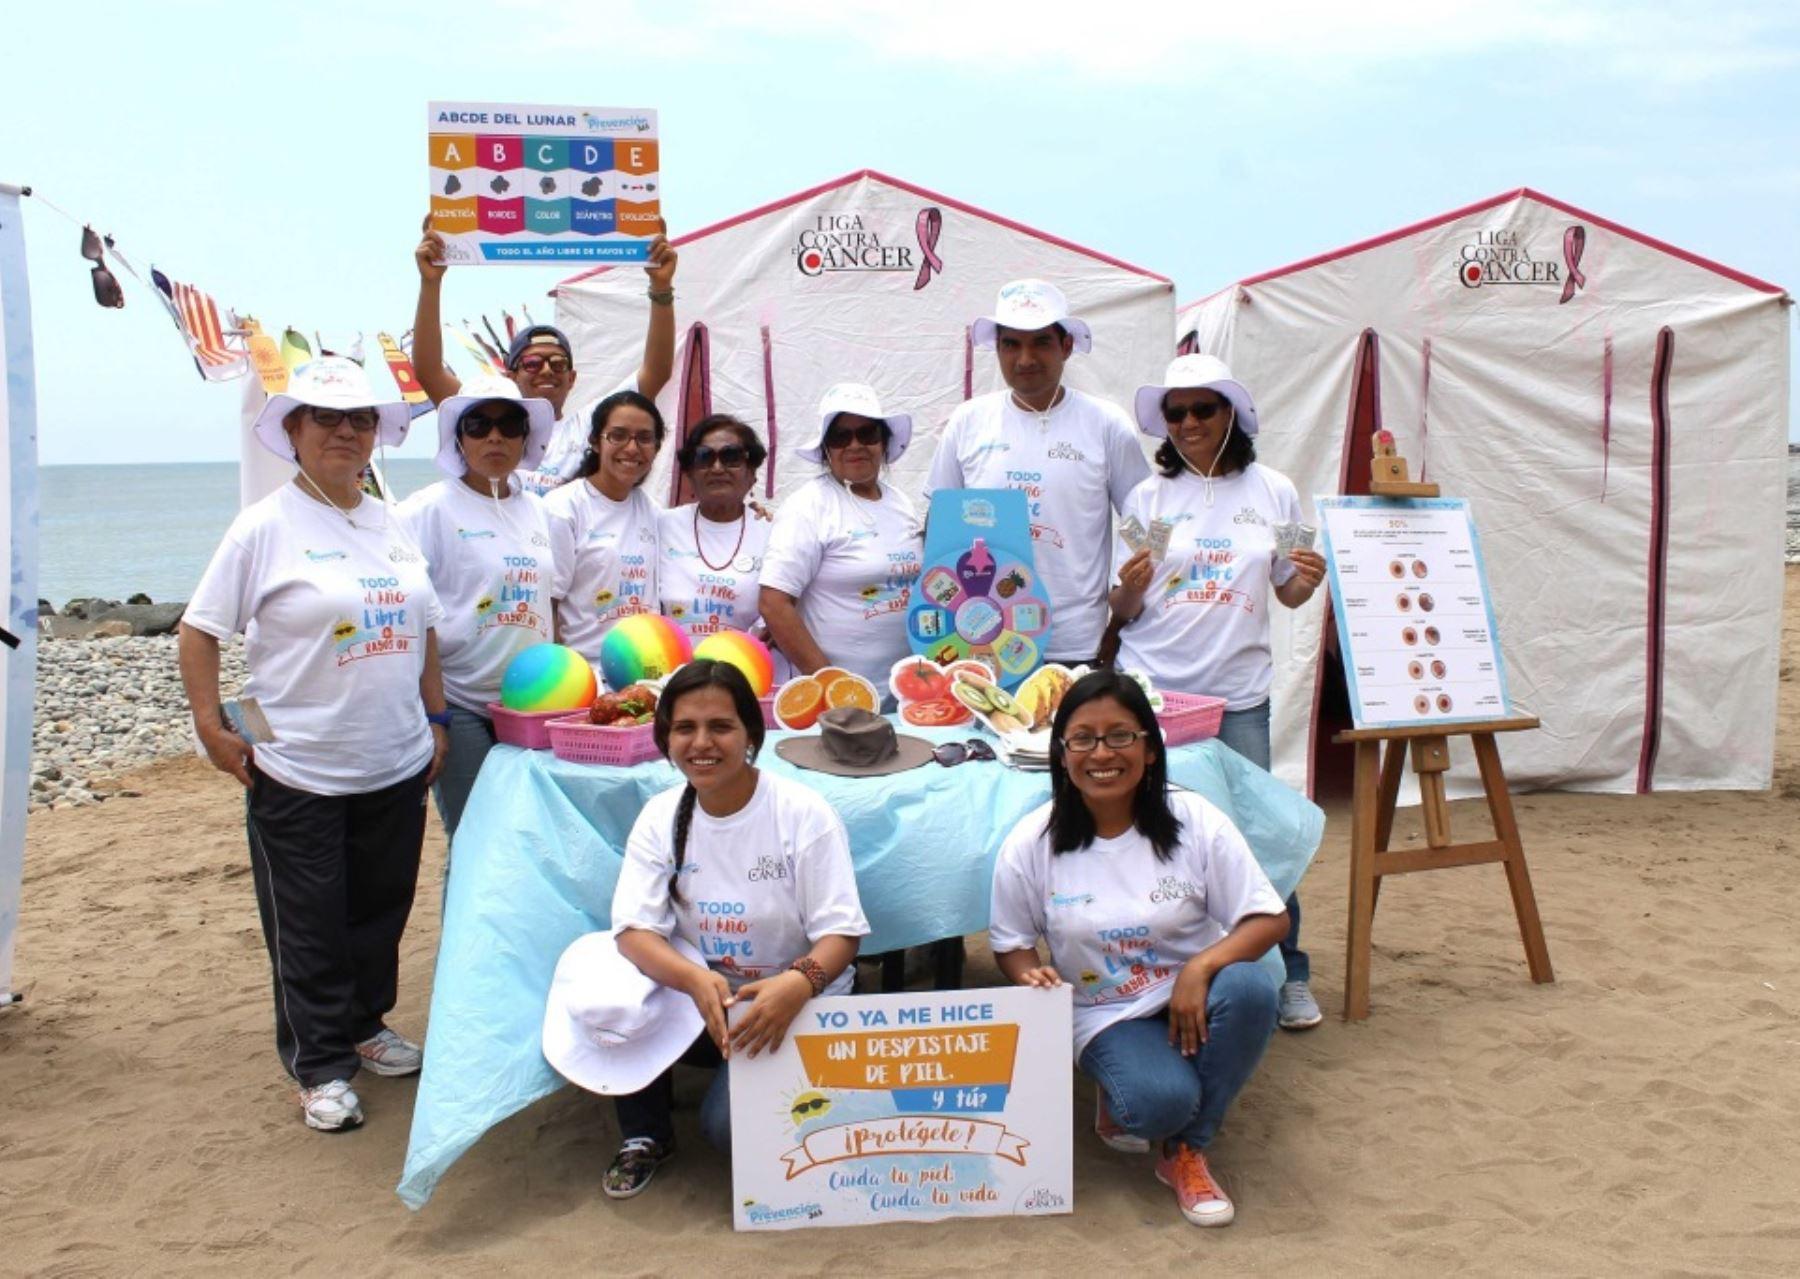 Lanzan campaña para prevenir el cáncer de piel en zonas de mayor radiación solar. Foto: ANDINA/Difusión.